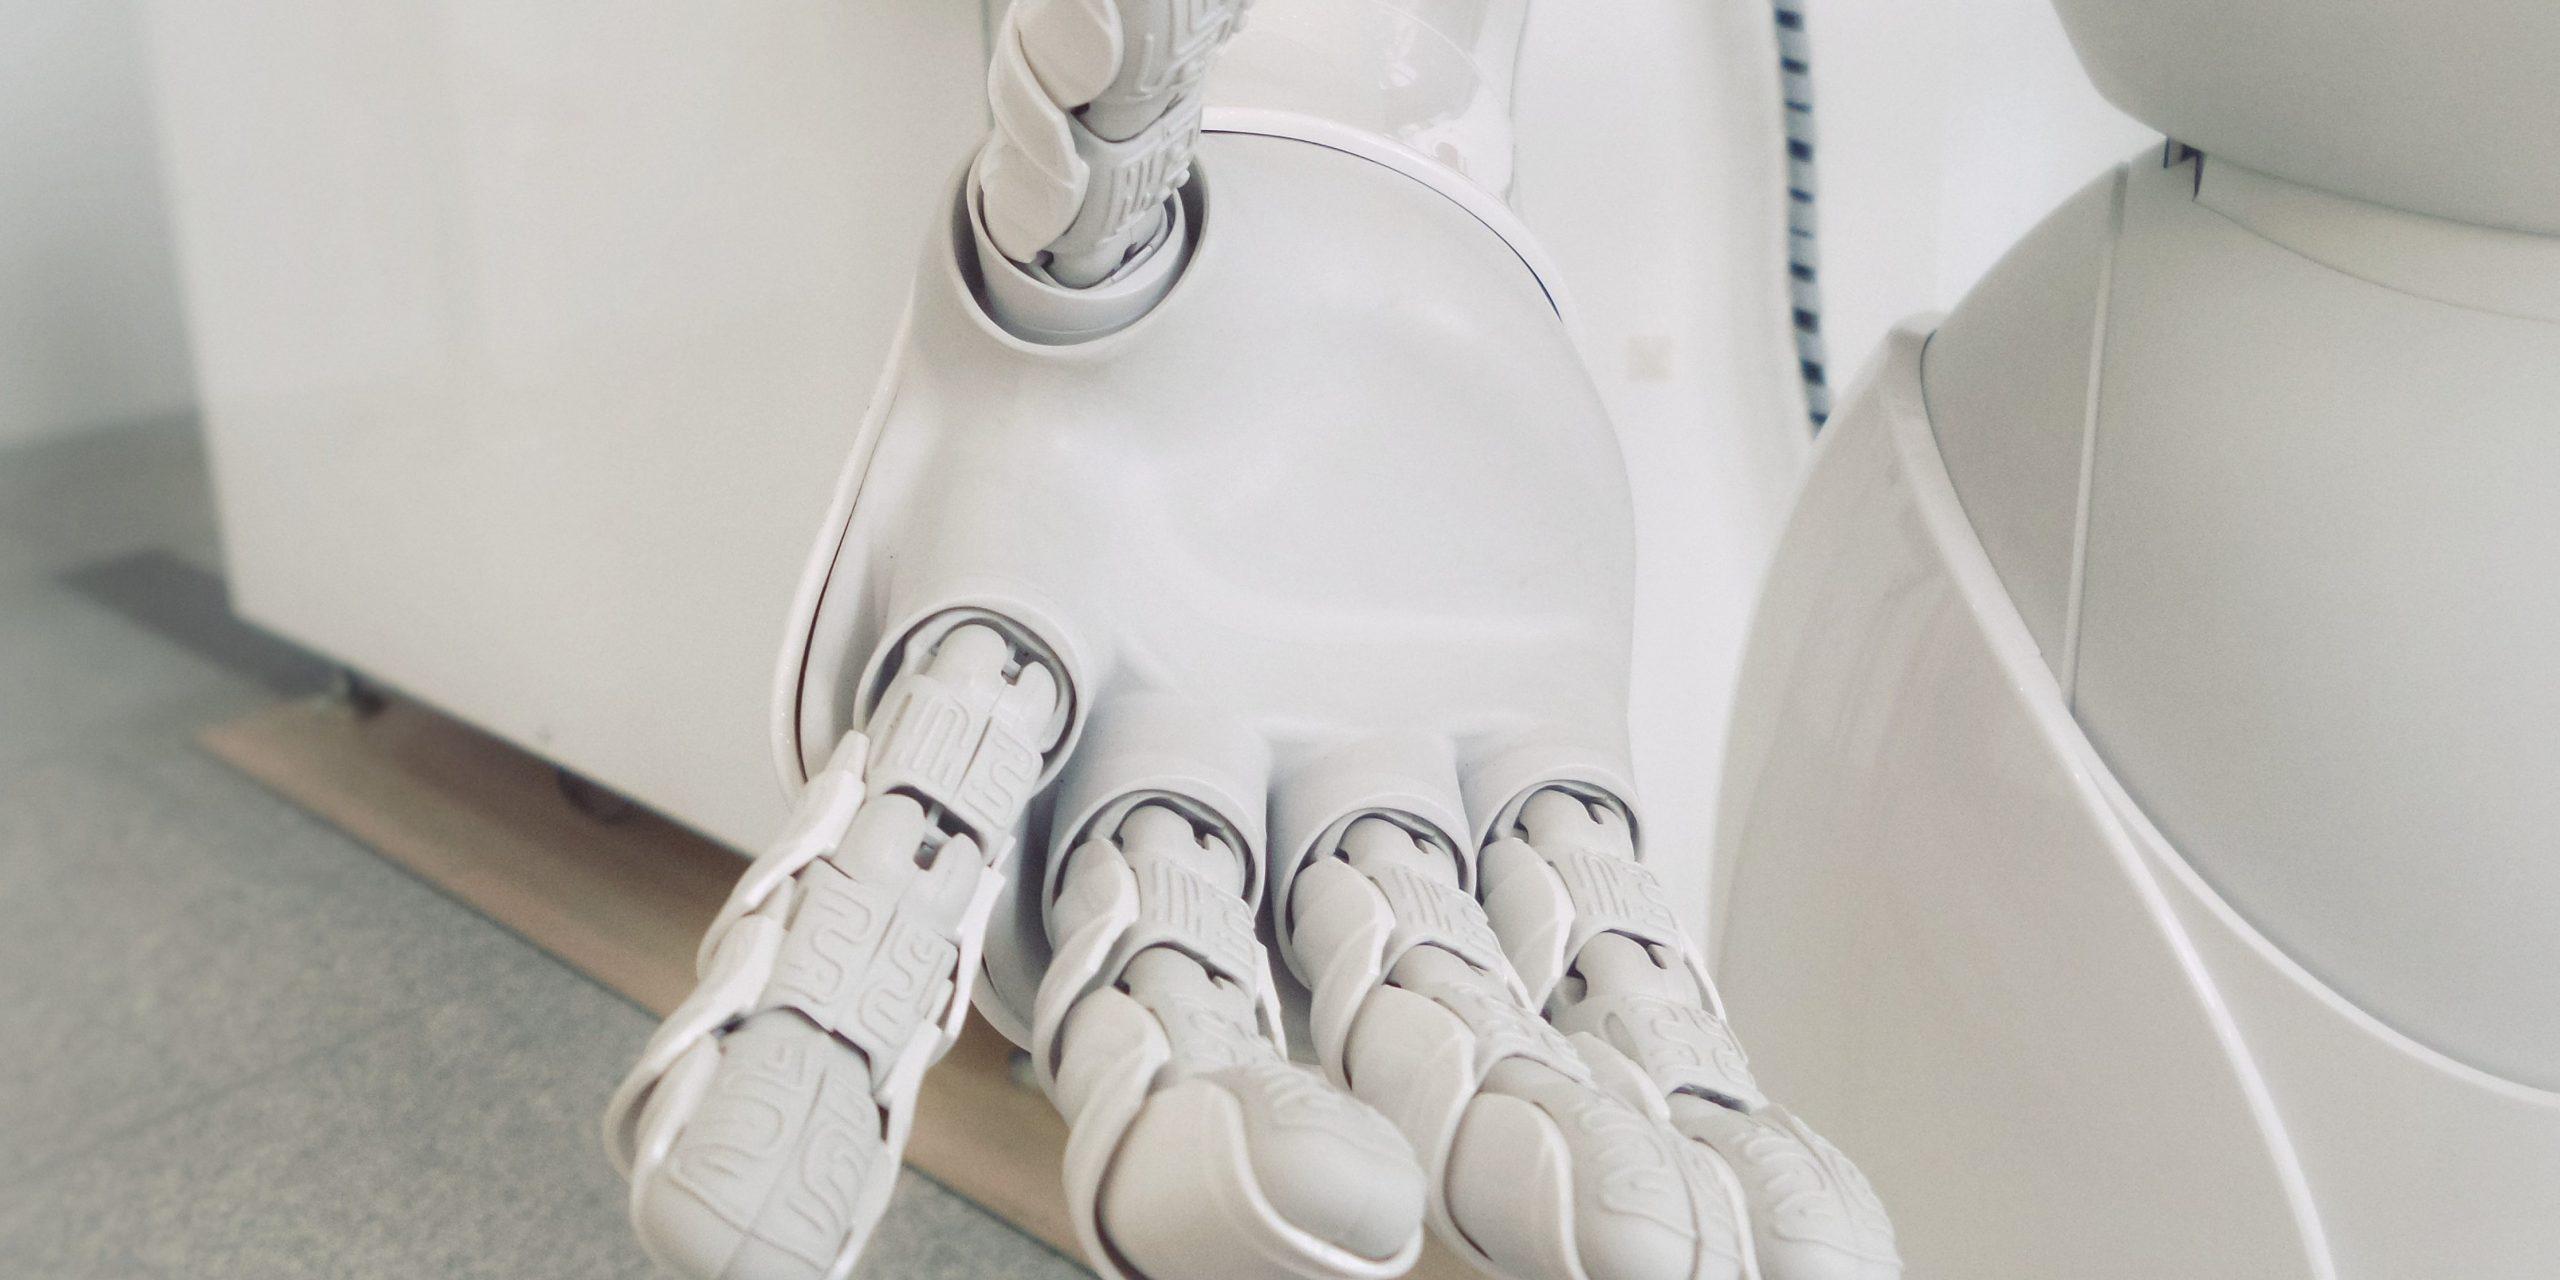 Психиатры выявили признаки сознания у искусственного интеллекта